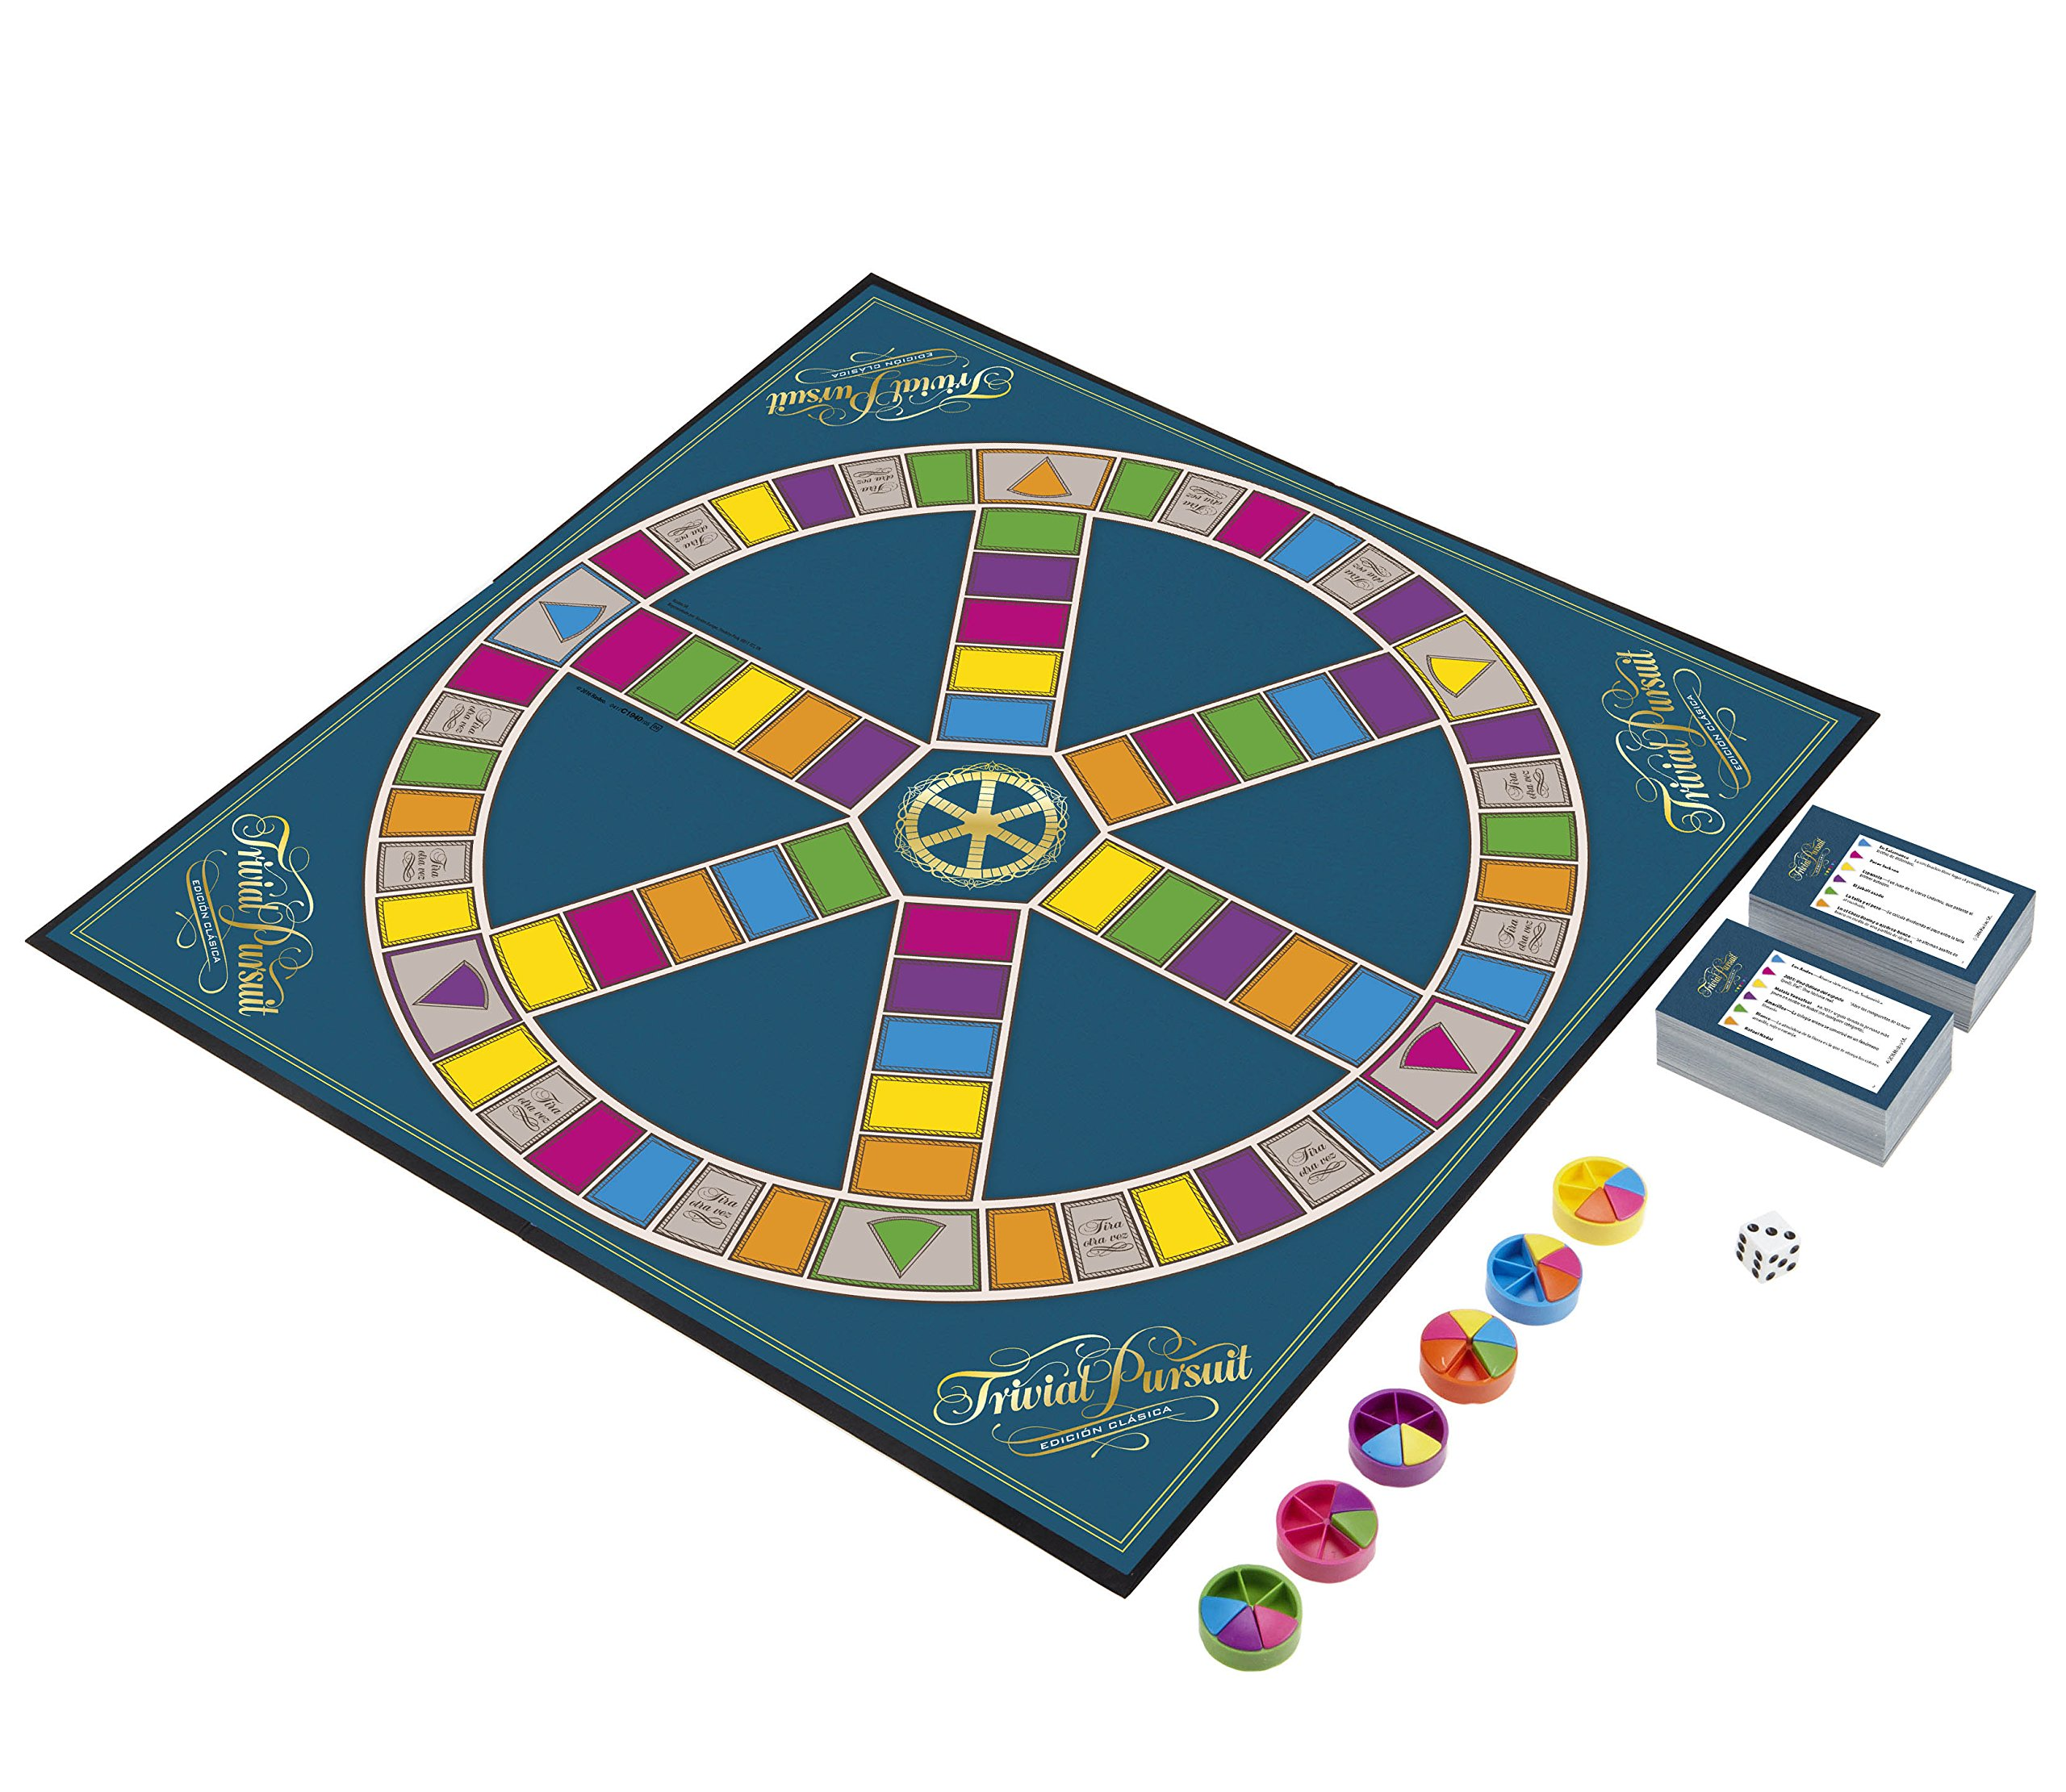 Comprar Hasbro Gaming Trivial Pursuit (Versión Española) (C1940105)